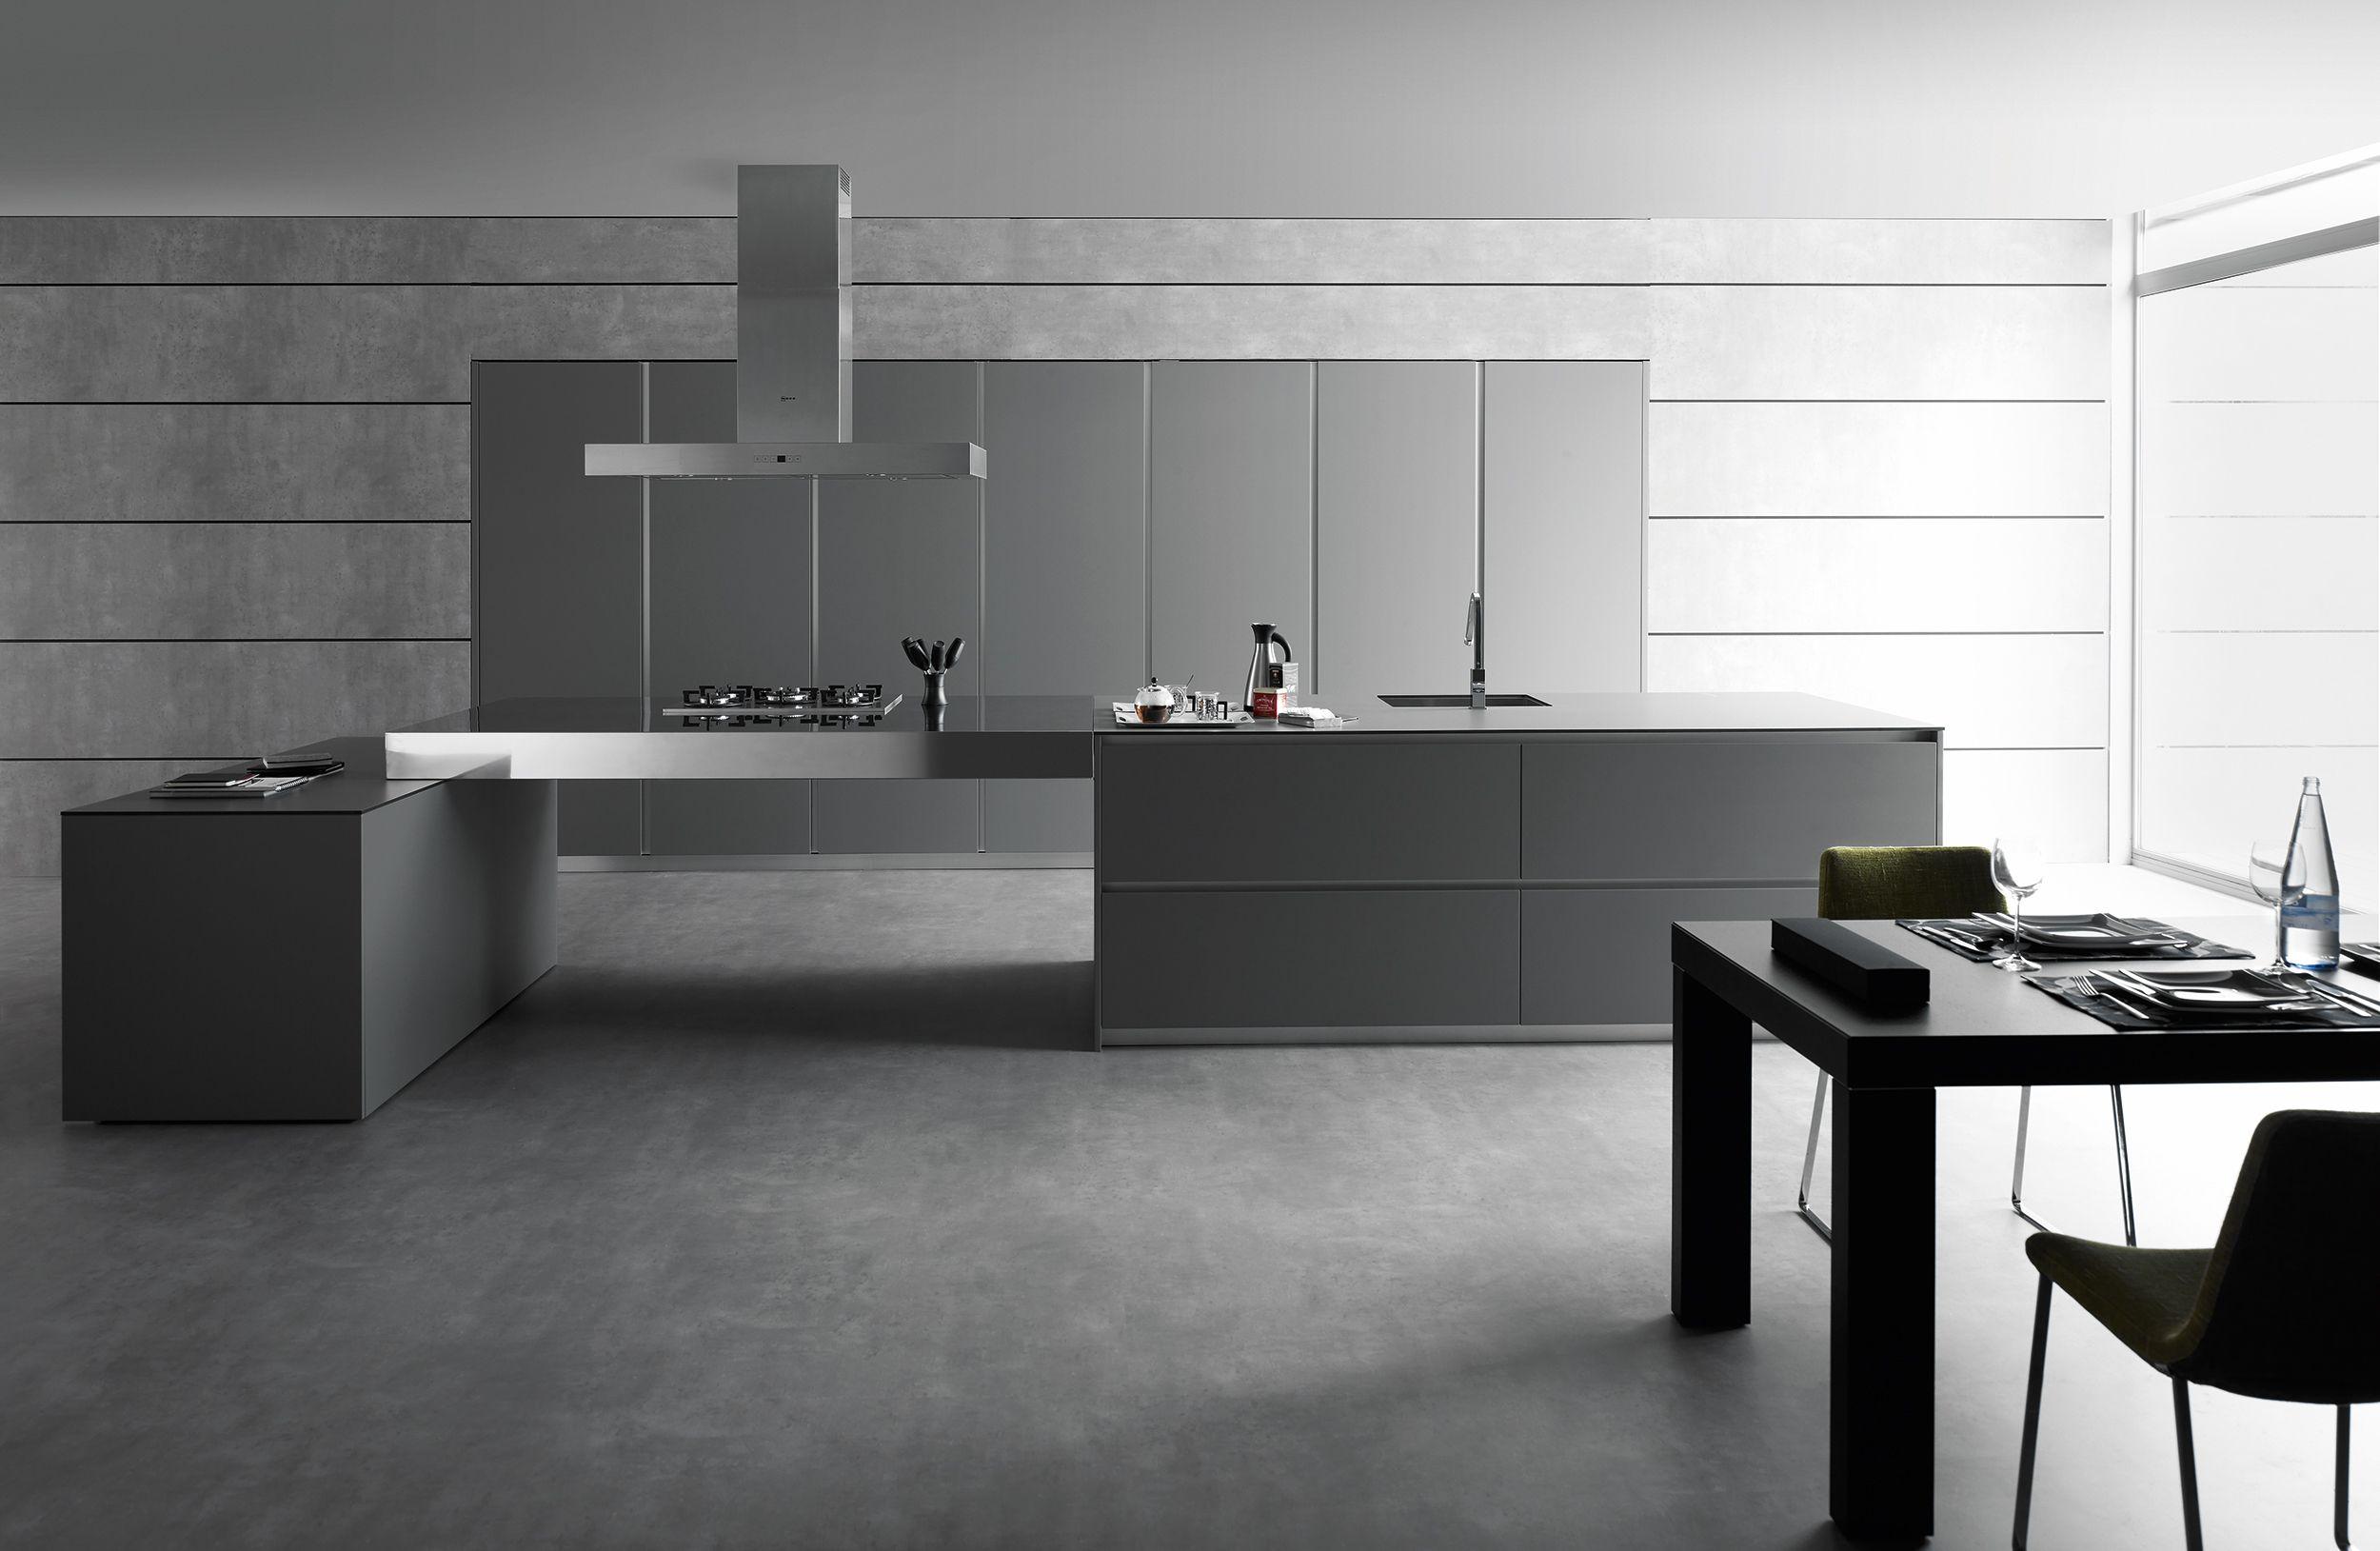 Imagen Relacionada Cocinas Logos Pinterest Cocinas # Muebles Xp Instalaciones